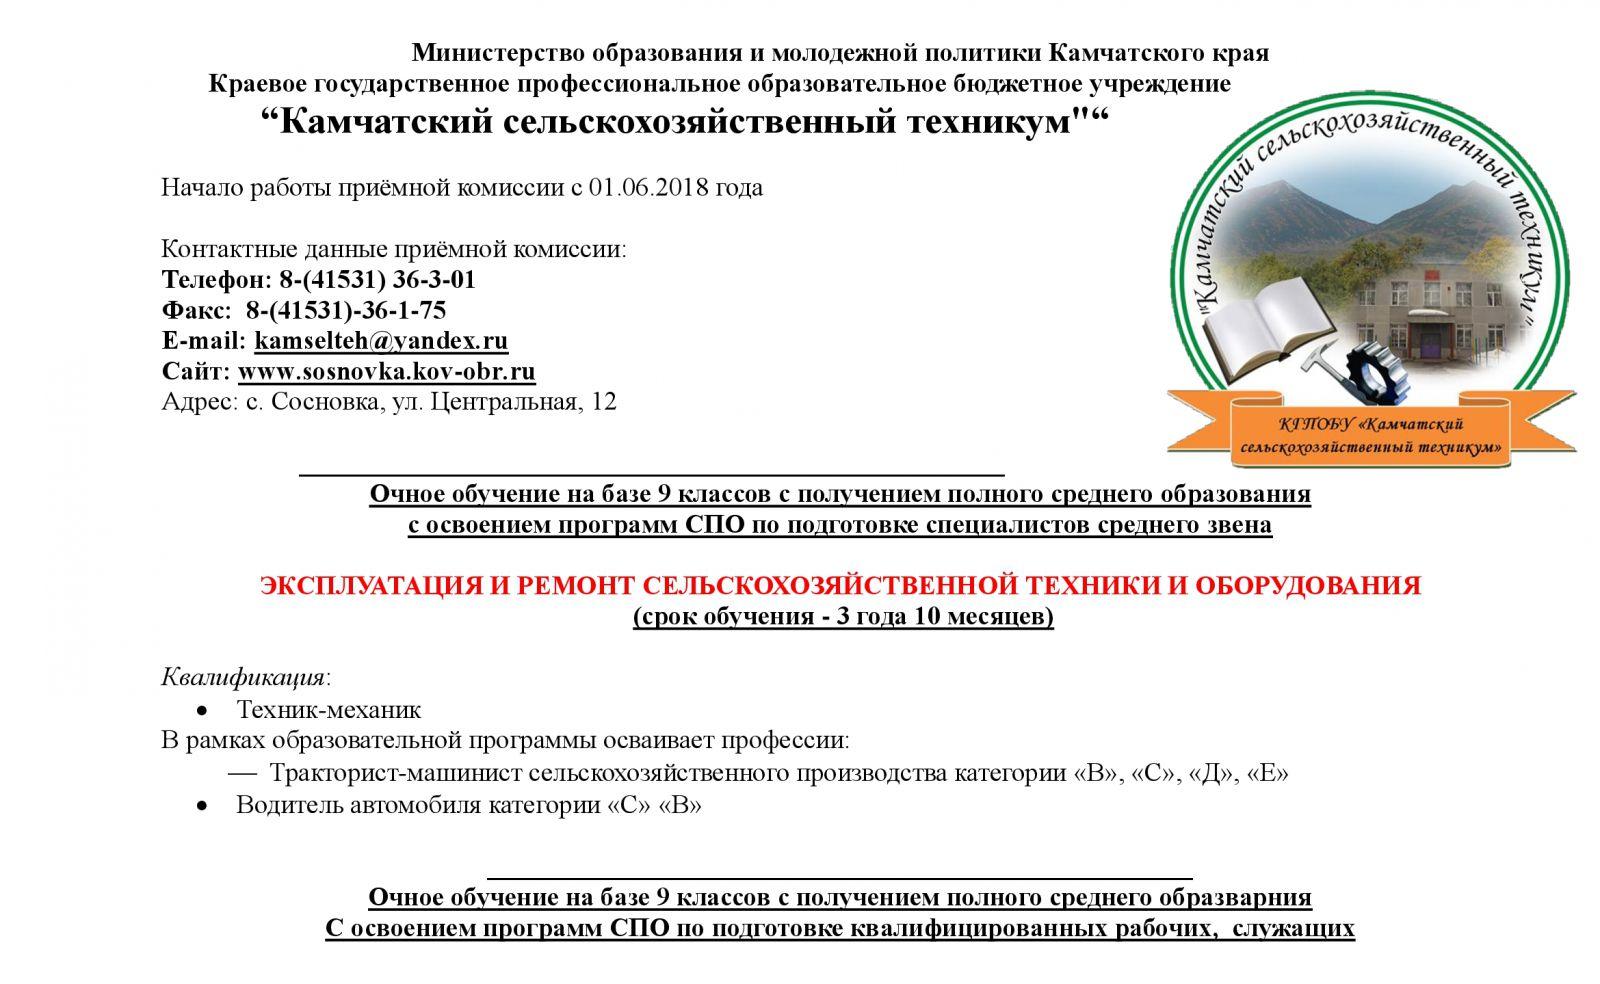 Детские пособия в Камчатском крае и Петропавловске-Камчатском